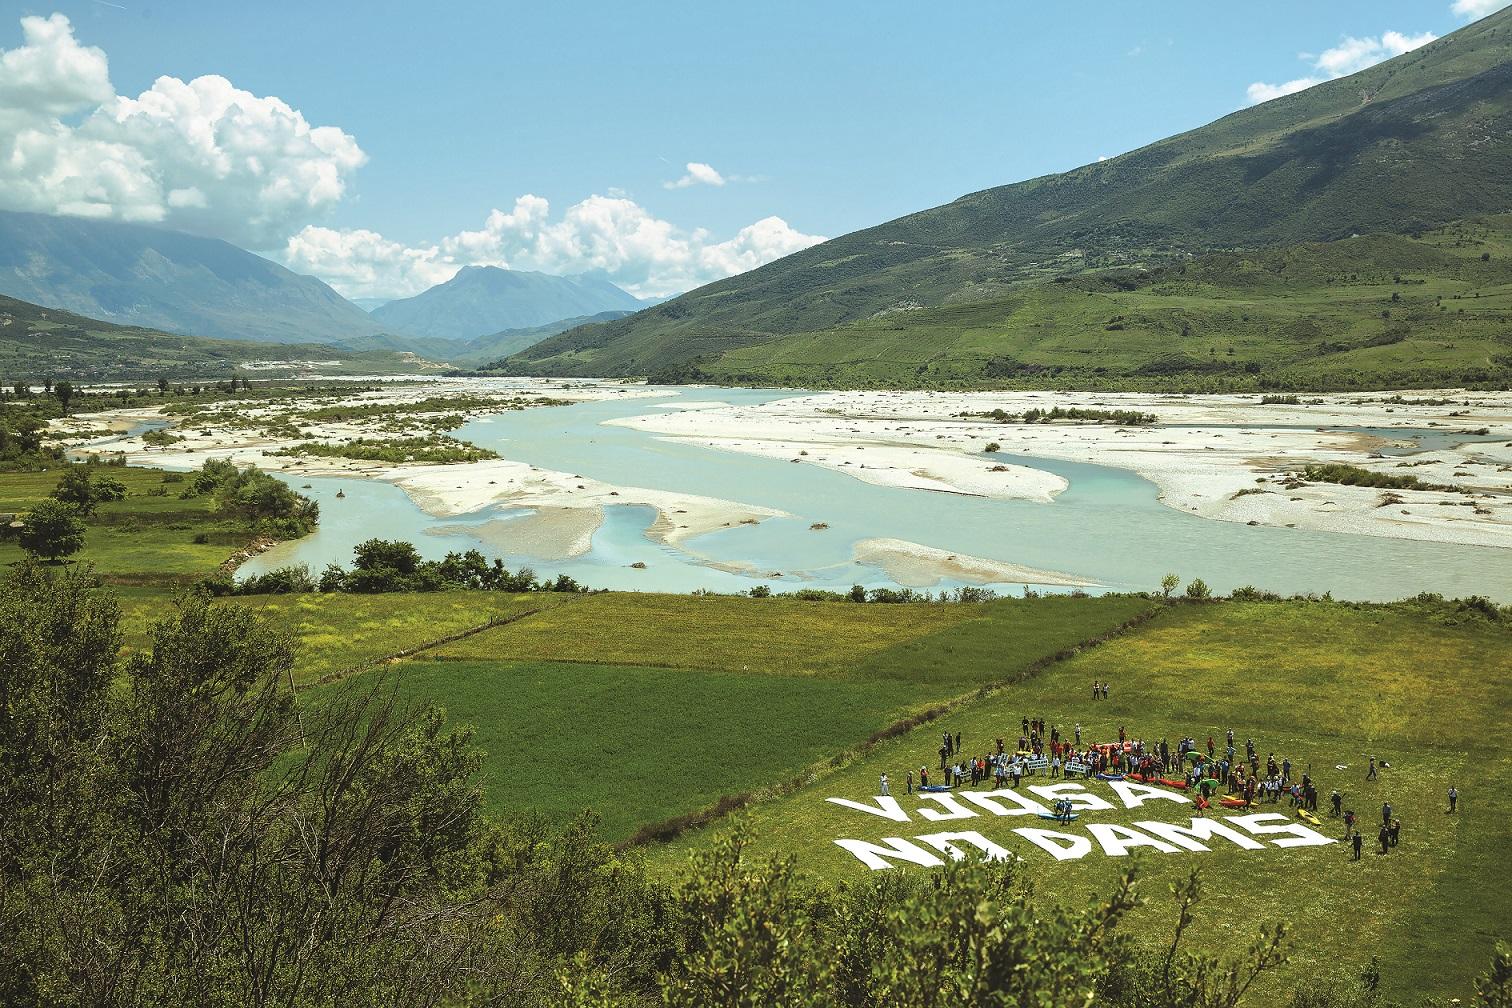 Die Vjosa in Albanien ist der letzte große Wildfluss Europas außerhalb Russlands. 38 Wasserkraftprojekte sind an der Vjosa und ihren Zuflüssen geplant. © Andrew Burr